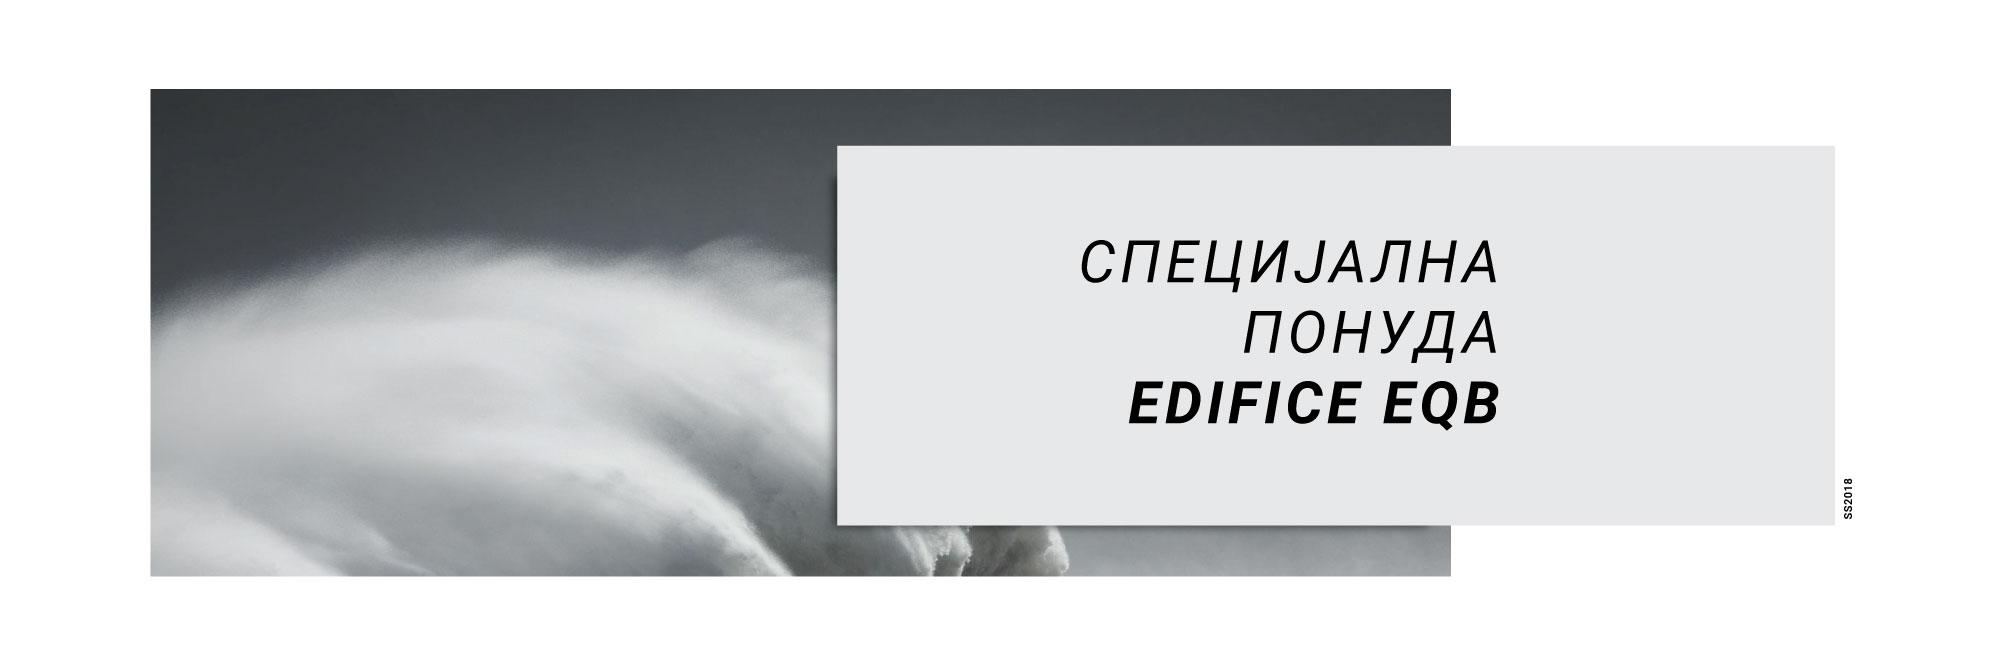 Специјална понуда Edifice EQB